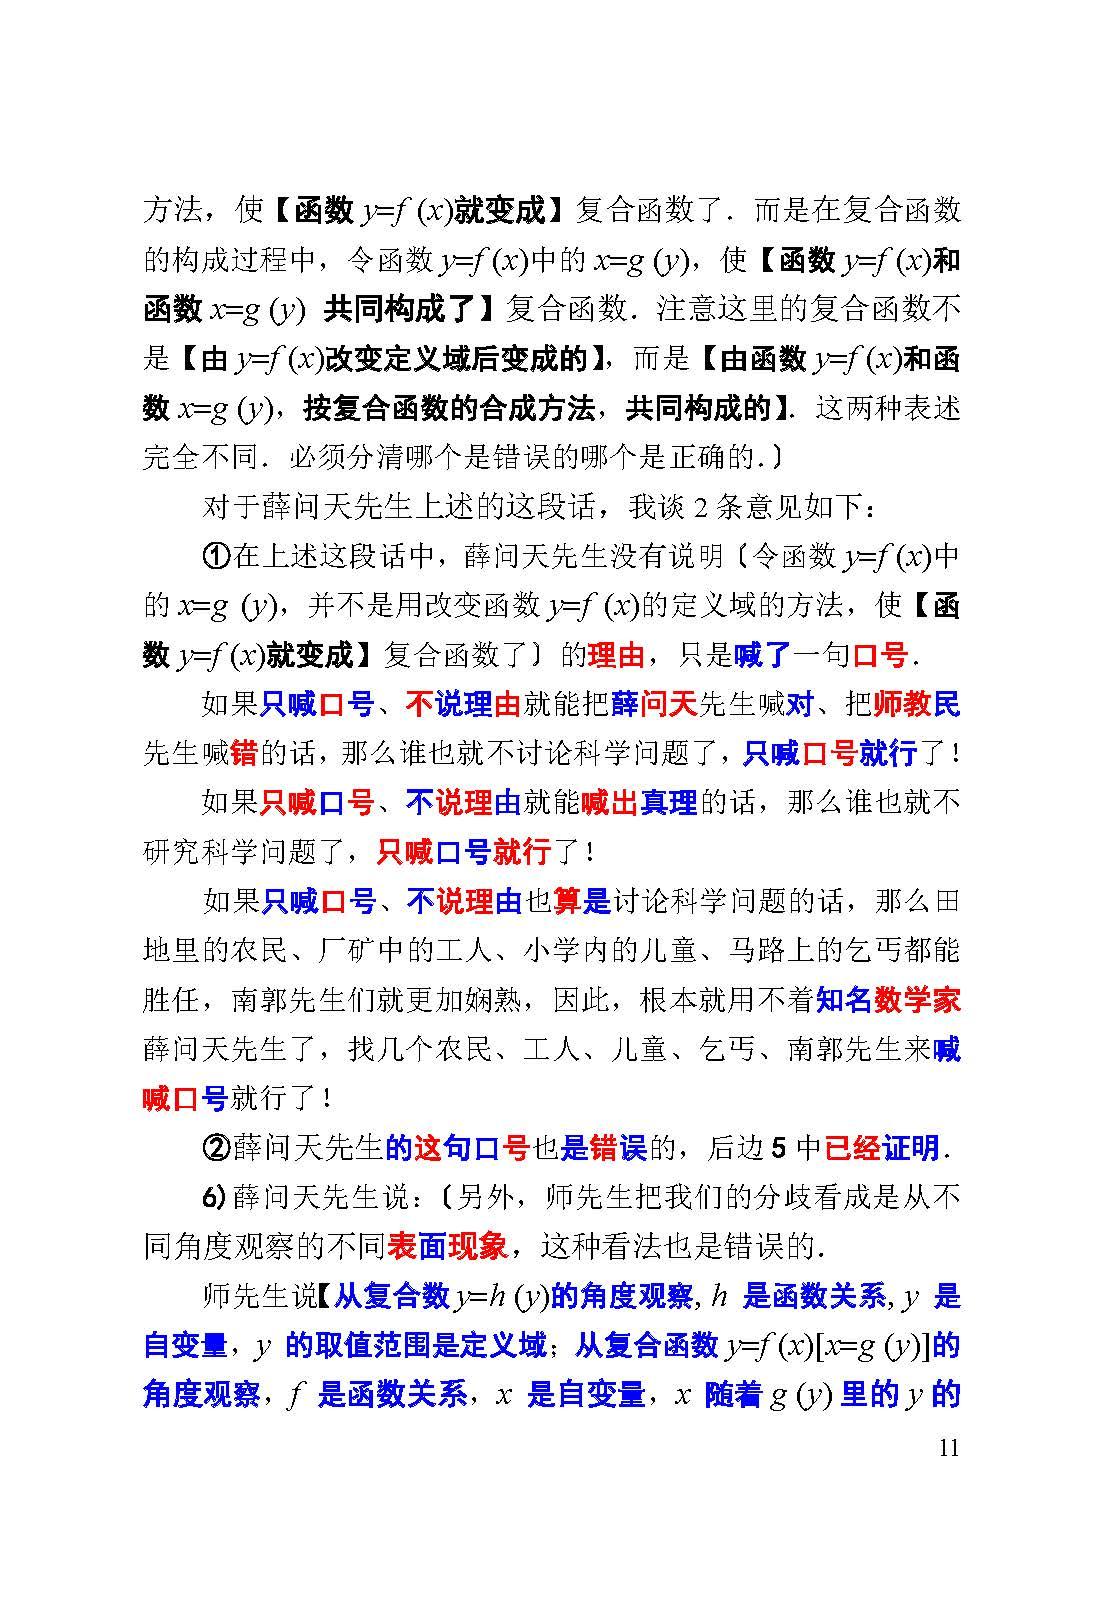 评薛问天先生的文章0408_页面_11.jpg